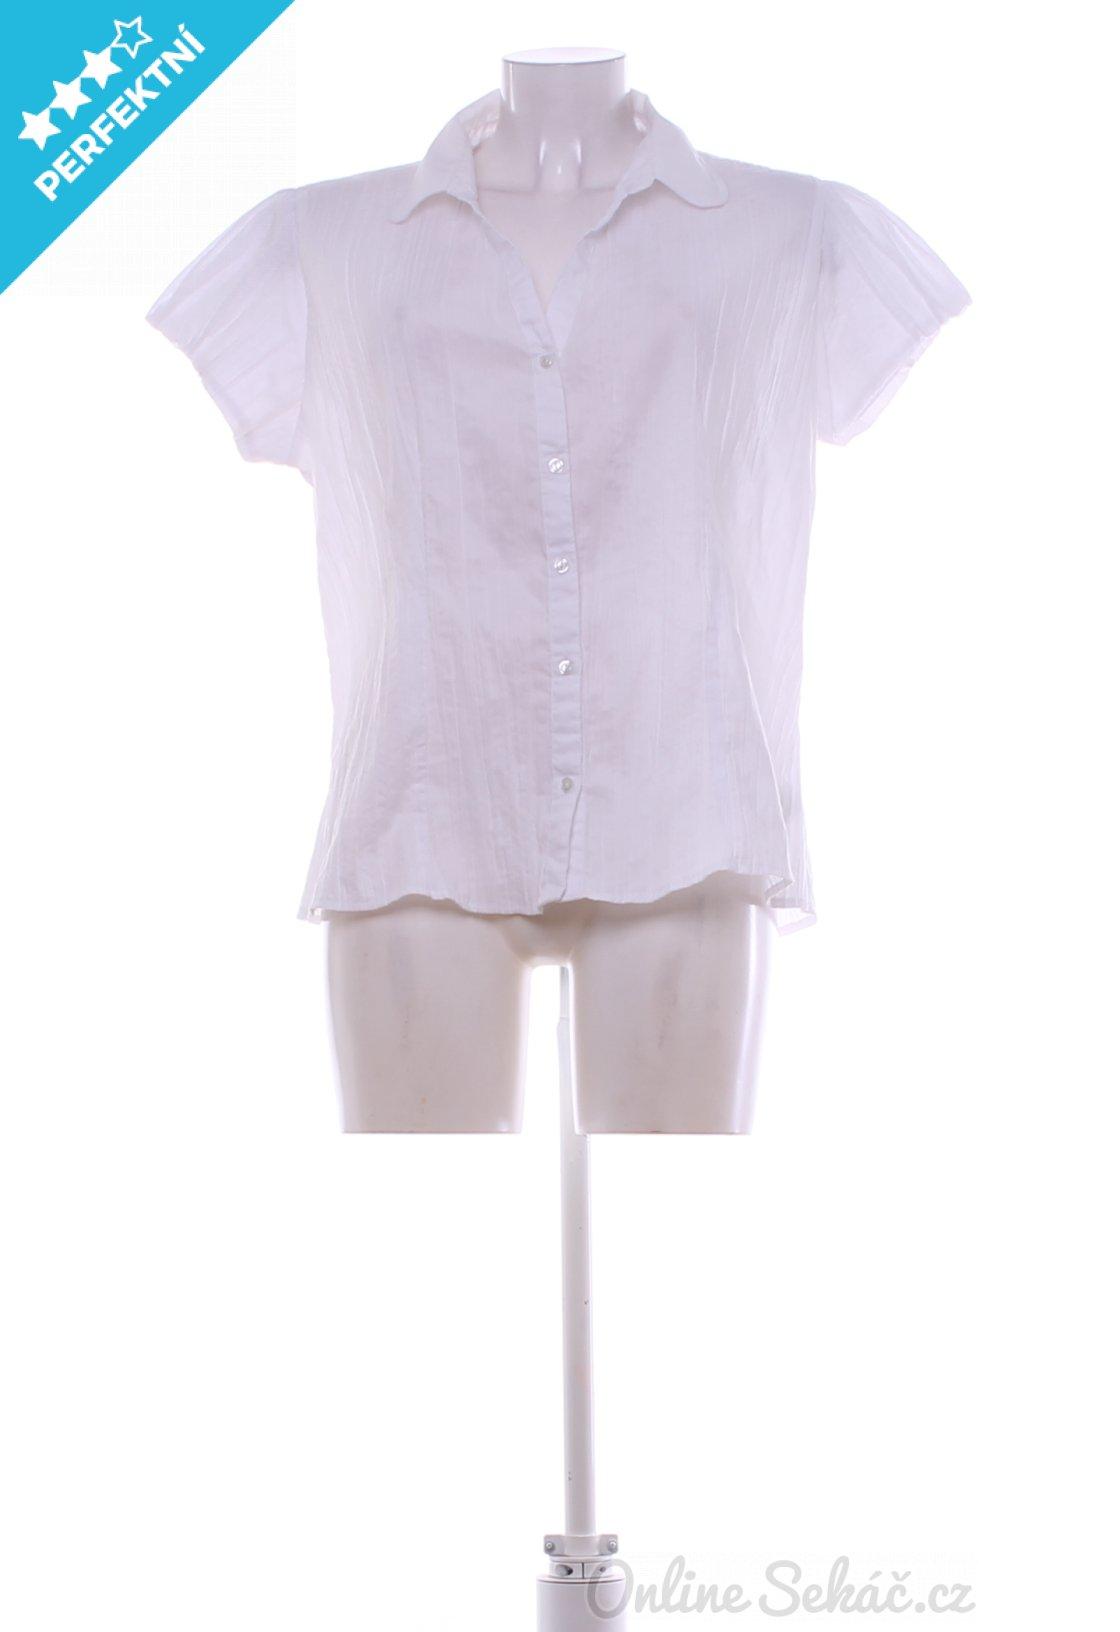 Second hand - Vzor  JEDNOBAREVNÝ   Dámská elegantní košile F F XL ... 4a3b29d18e